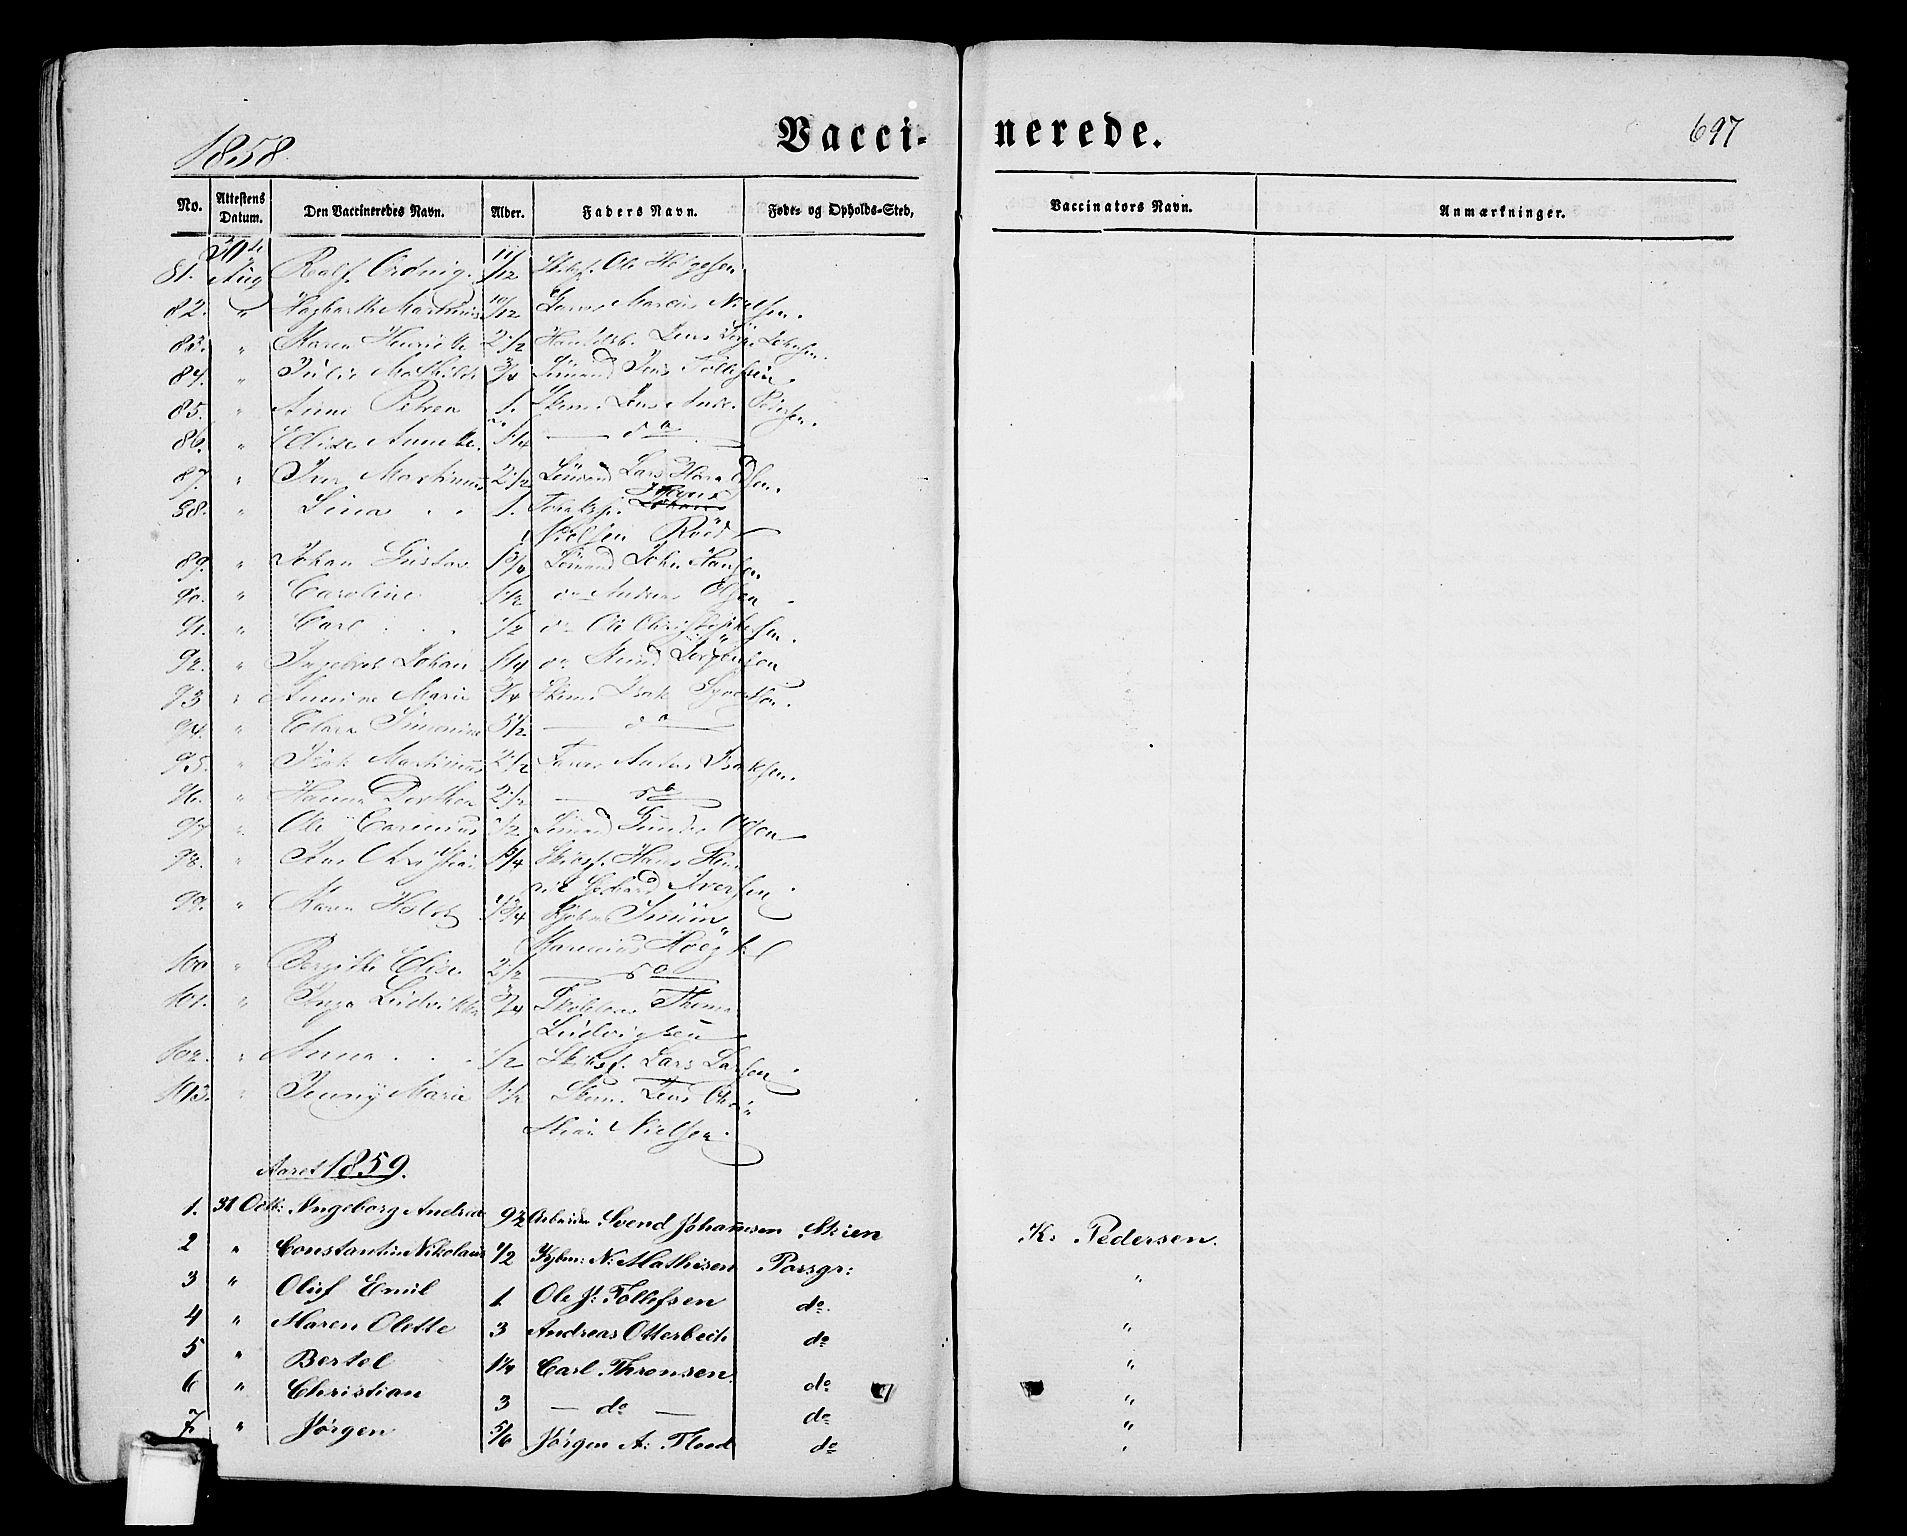 SAKO, Porsgrunn kirkebøker , G/Gb/L0004: Klokkerbok nr. II 4, 1853-1882, s. 697